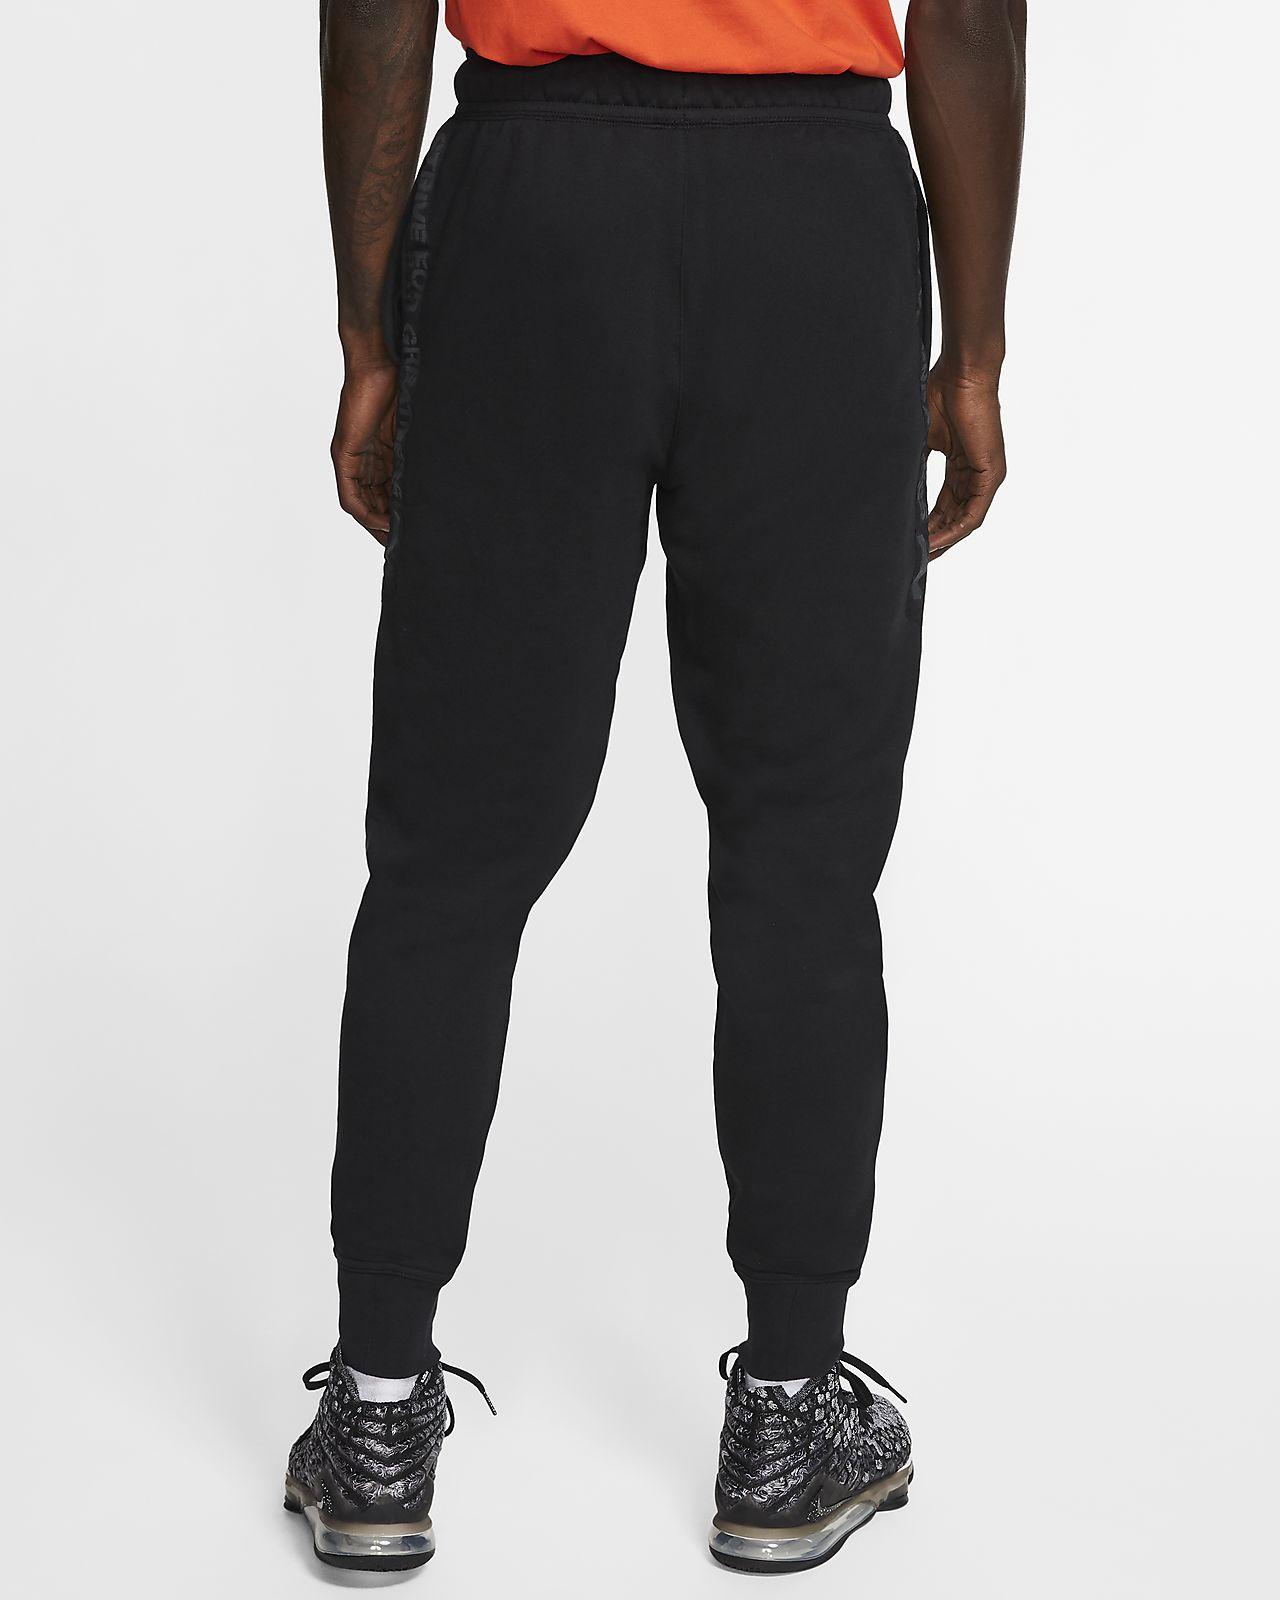 pantaloni basket uomo nike